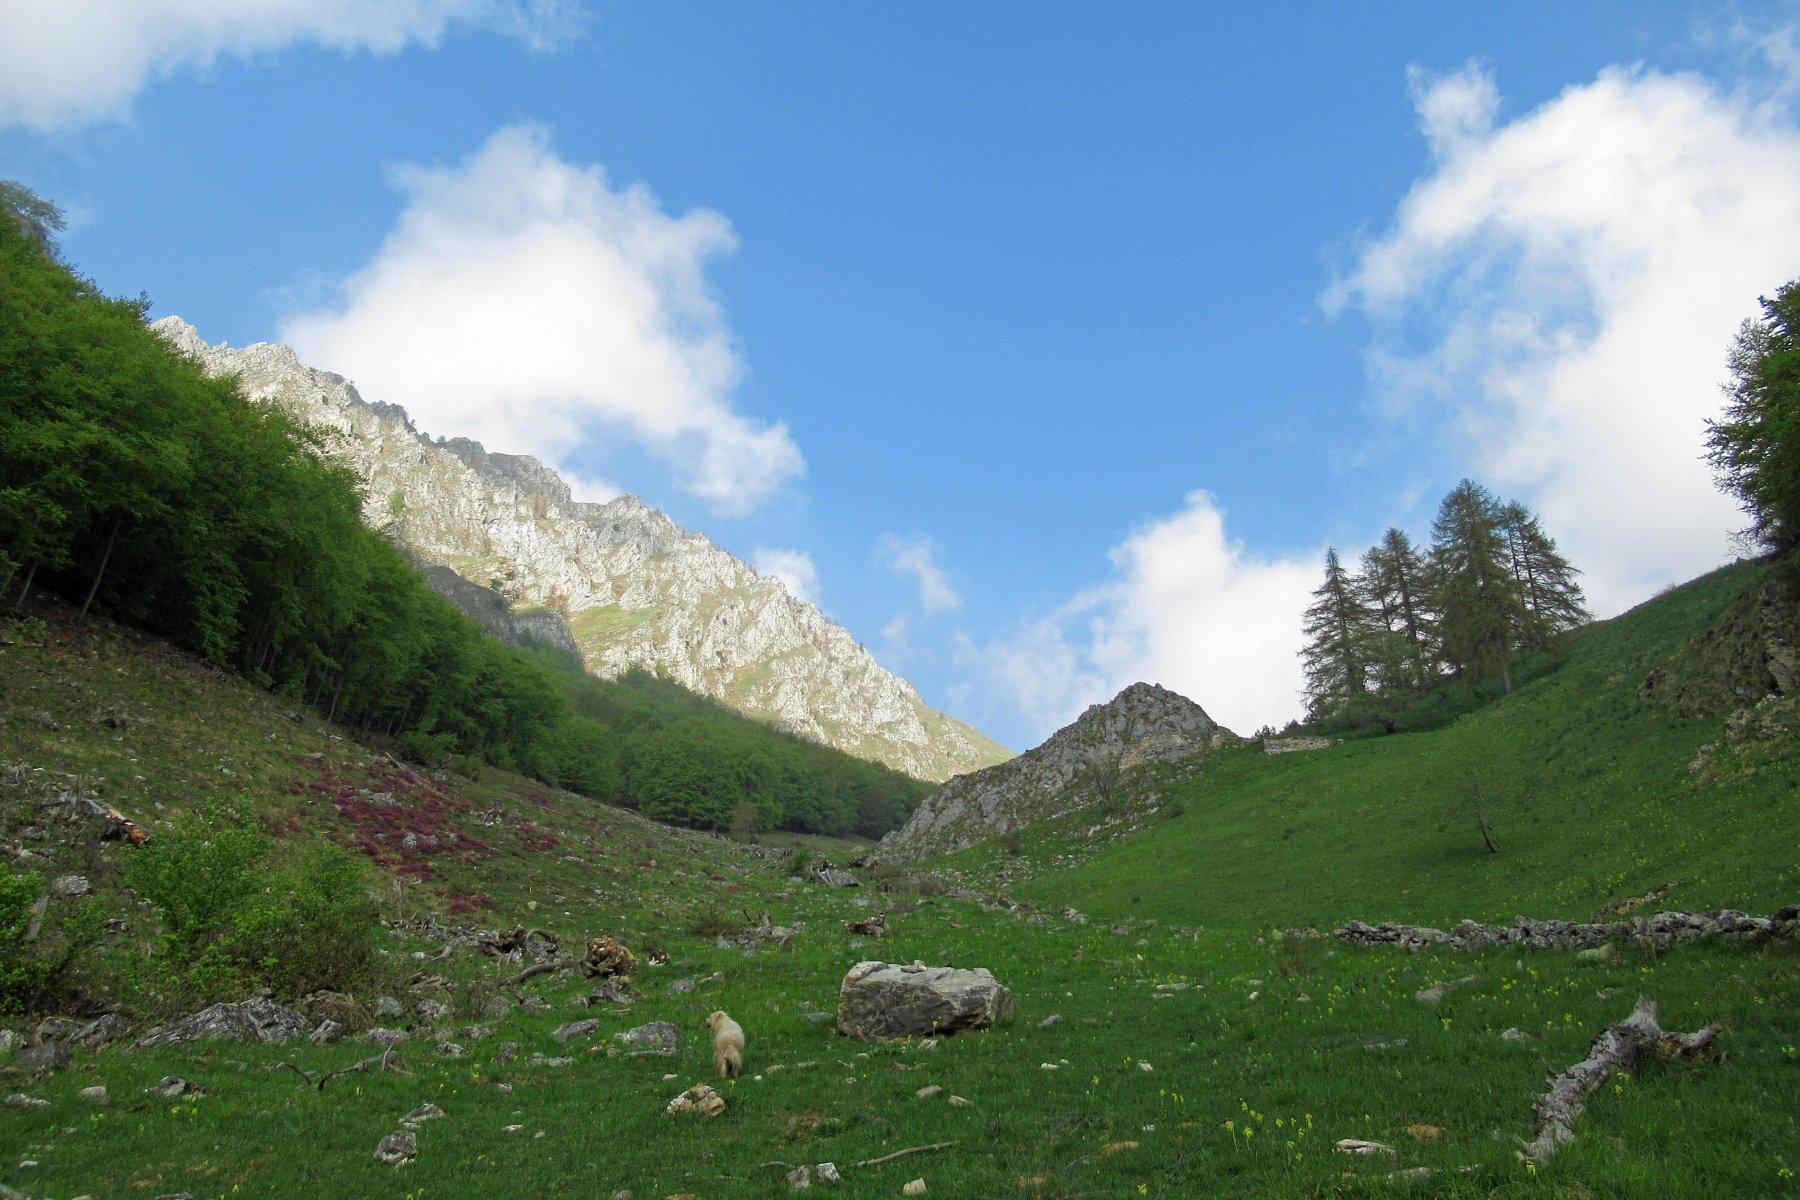 In salita nella parte superiore del vallone,sullo sfondo la Roccia Agnelliera.